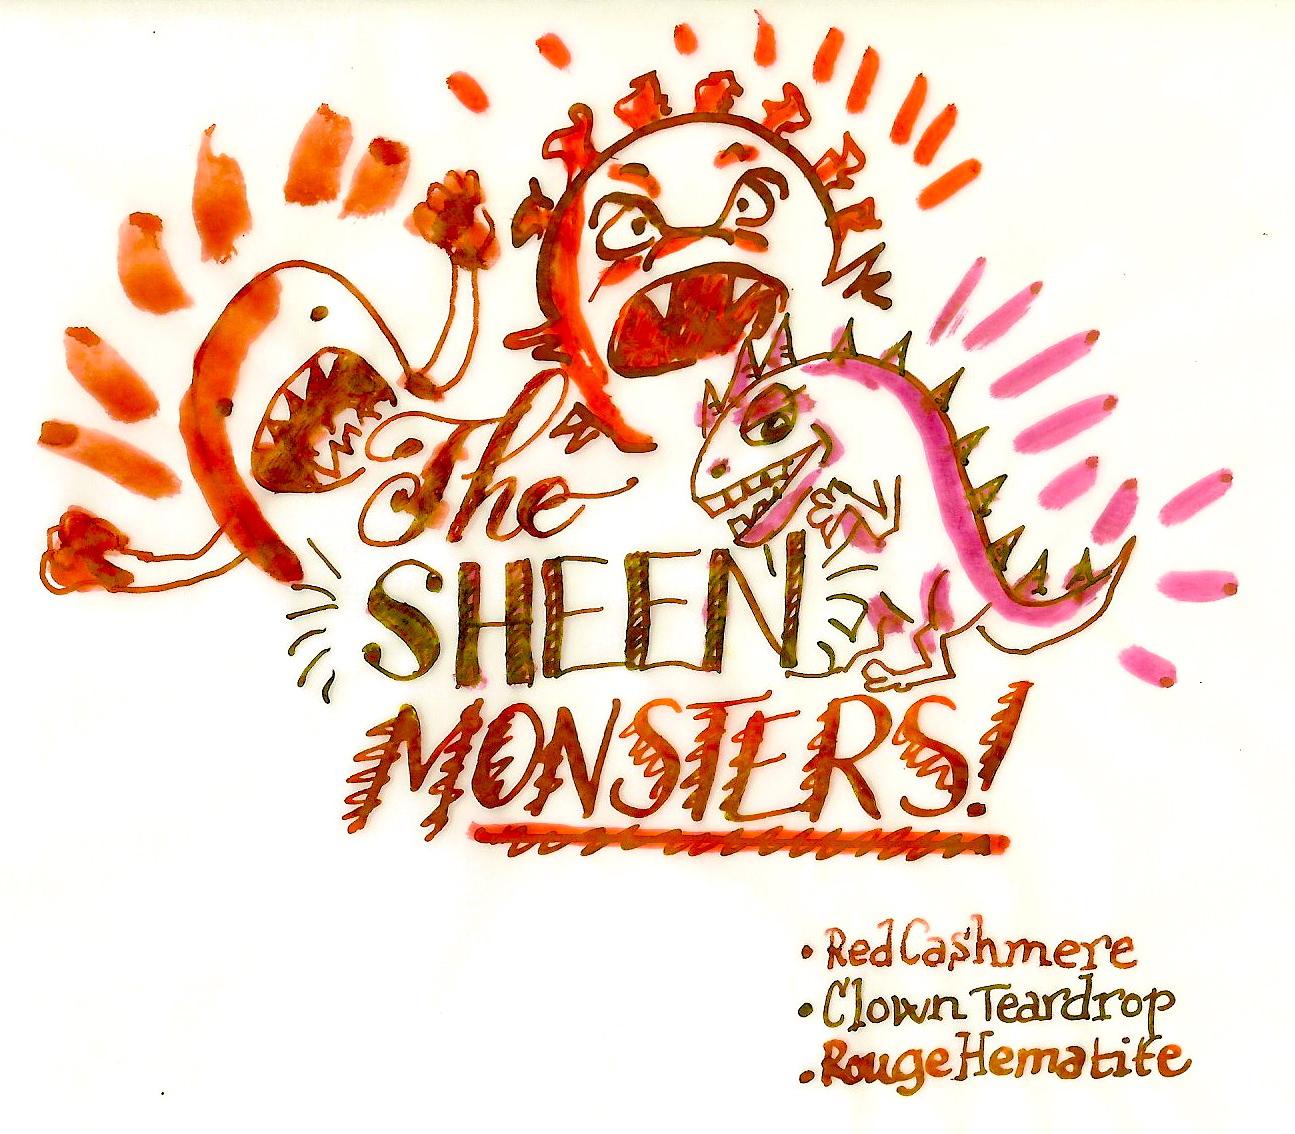 fpn_1420465996__sheen_monsters.jpg